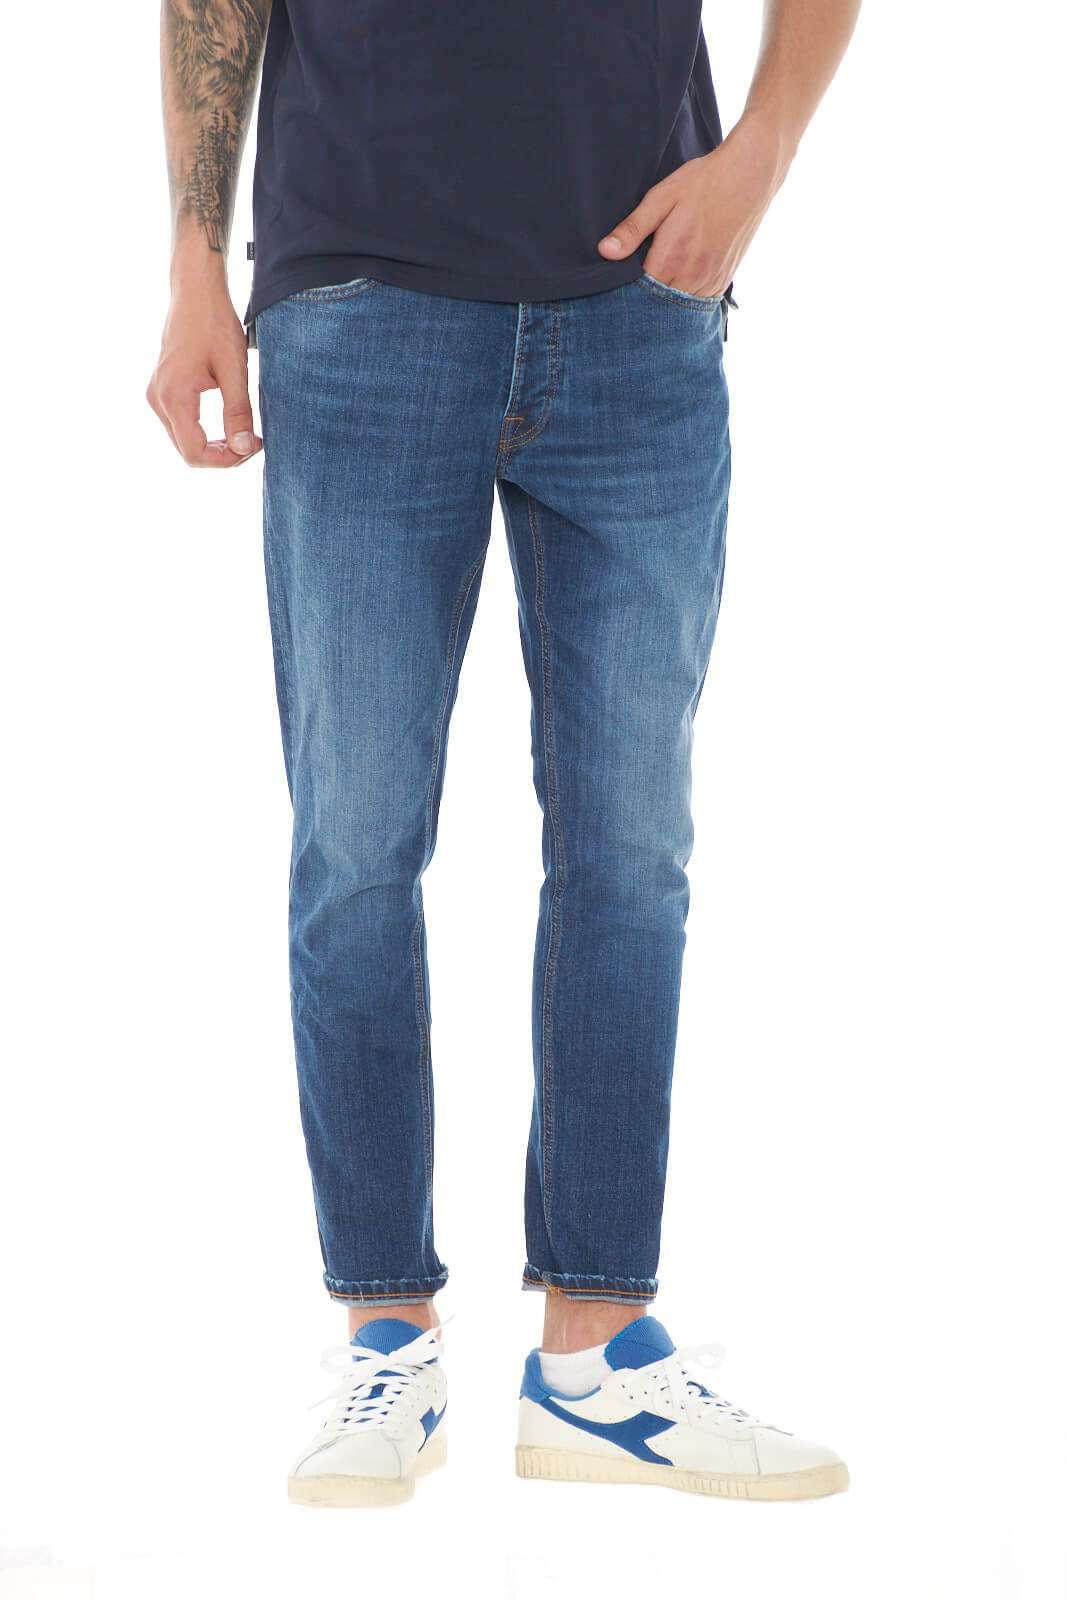 Semplicità e stile, per questo jeans Mc Denimerie, perfetto per le tue occasioni più mondane. Perfetto per l'uomo che ama outfit curati, ma allo stesso tempo poco elaborati e versatili. Renderà fashion ogni abbinamento tu scelga.